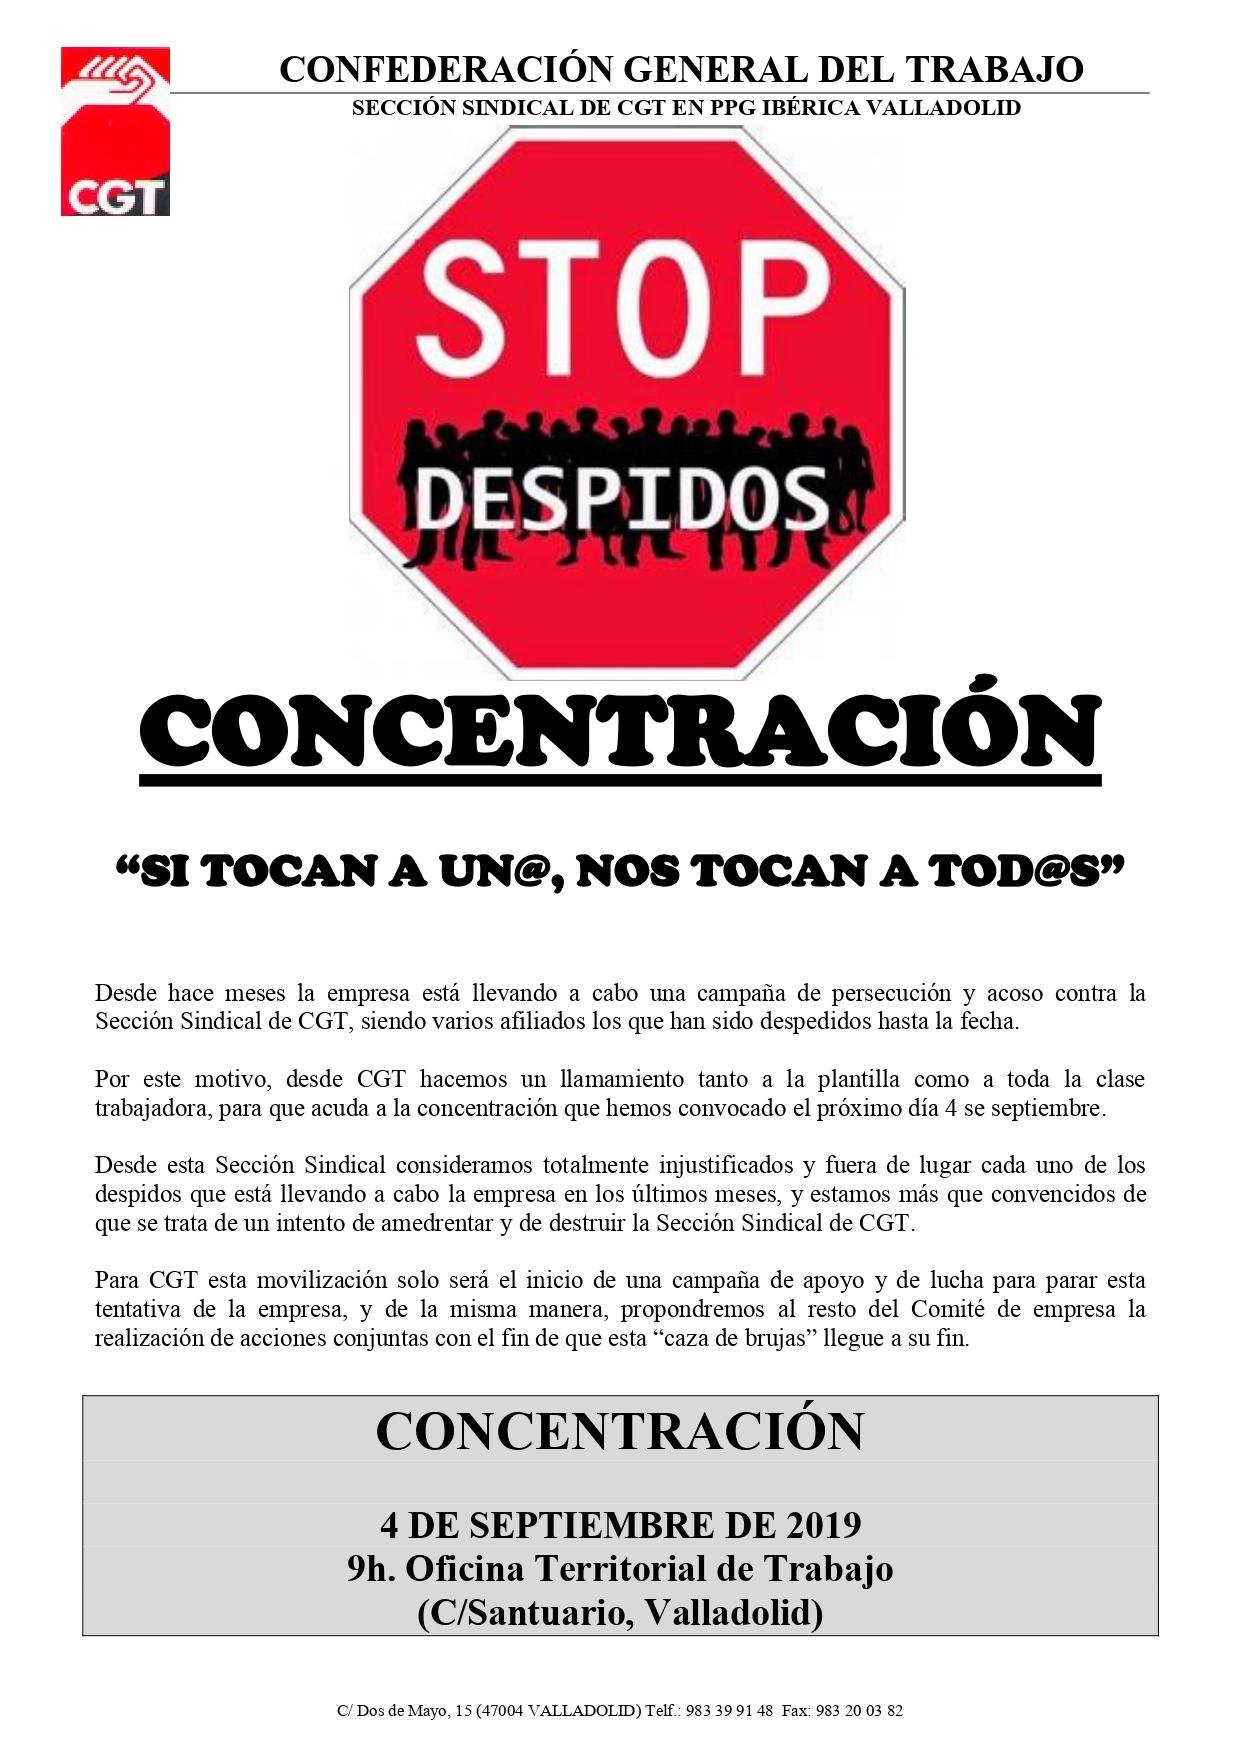 PPG Concentracion Trabajo_page-0001